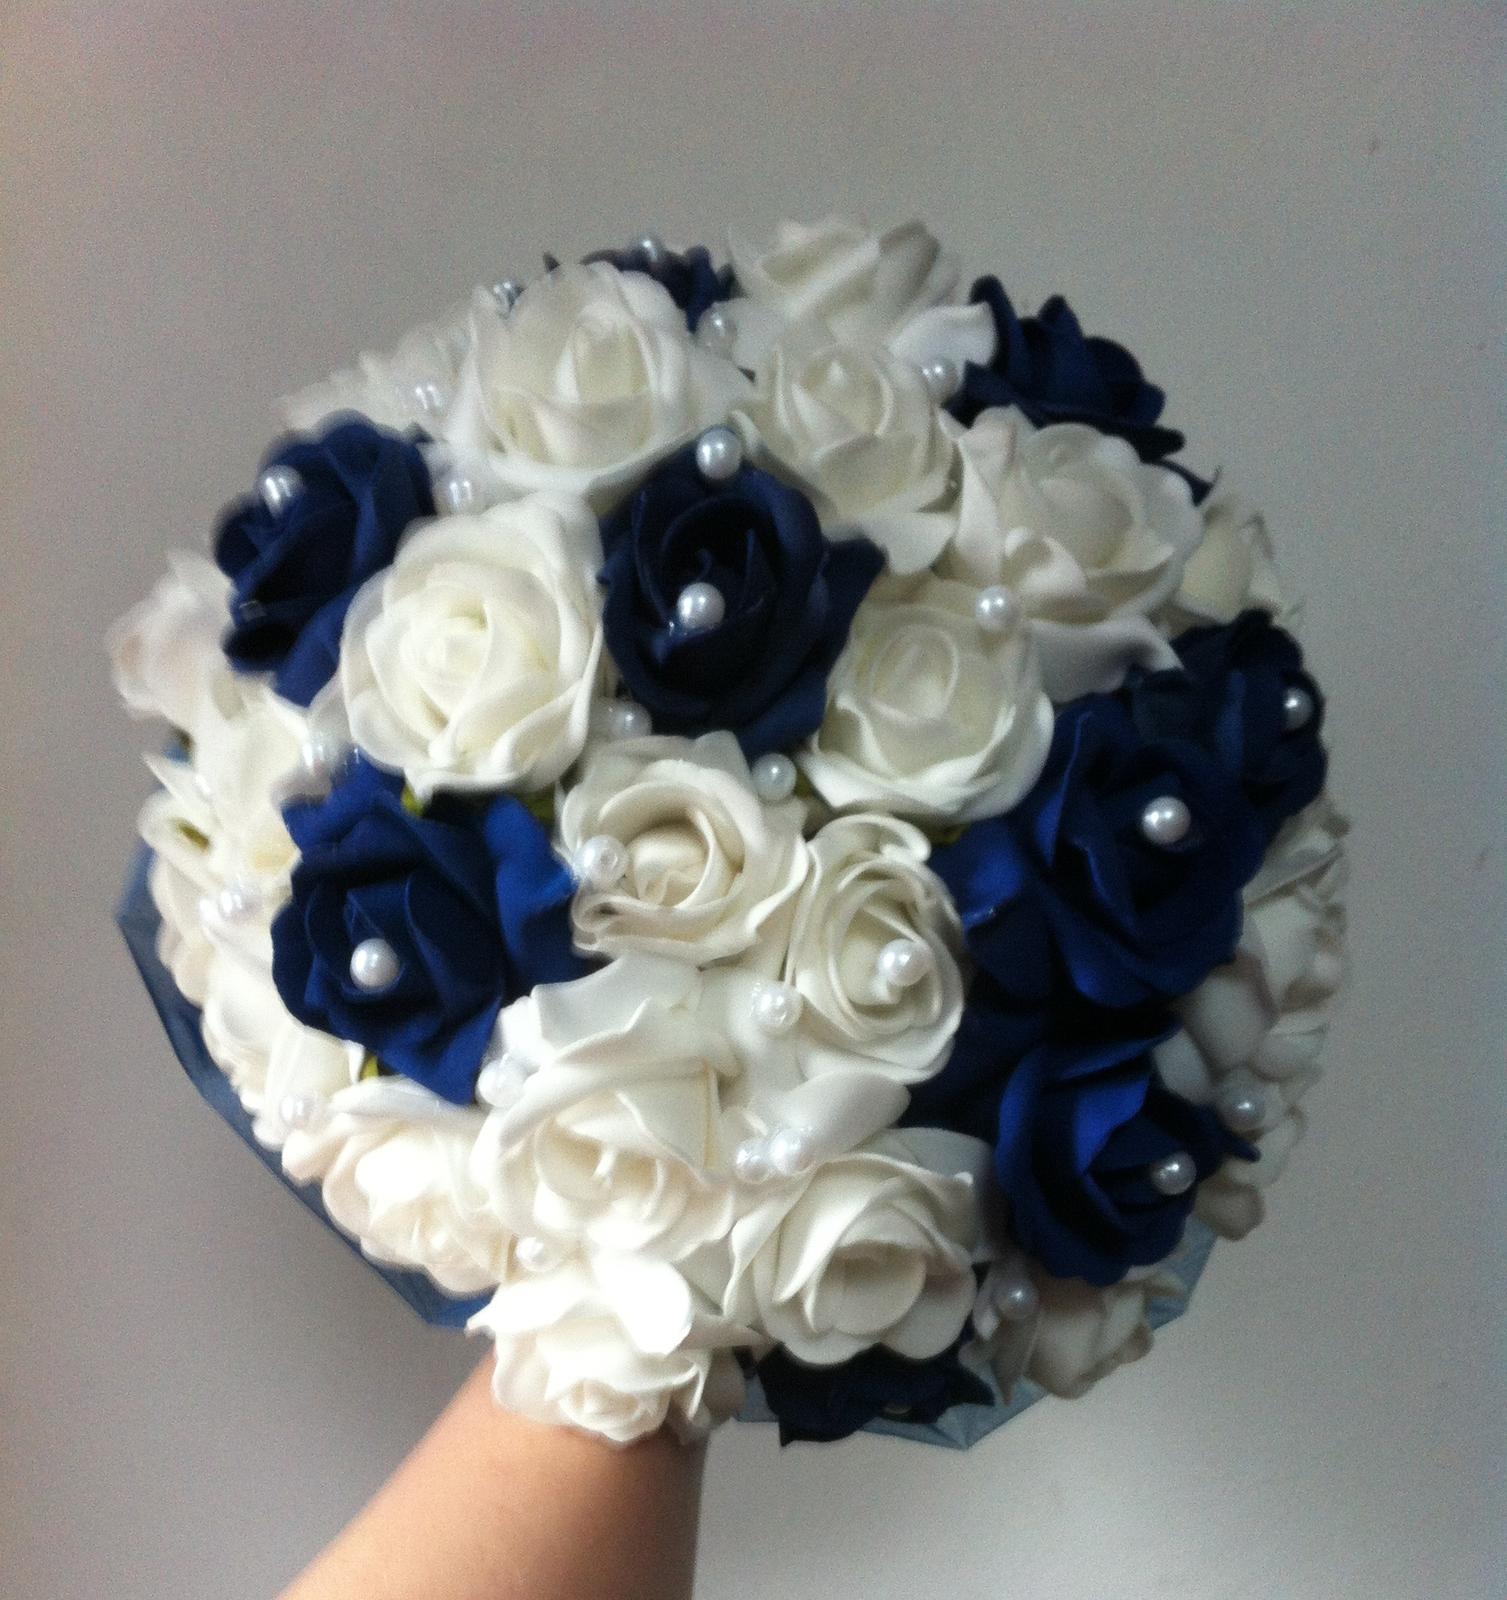 Netradiční svatební kytice - pěnové růžičky + polštářky pod prstýnky, košíčky - Obrázek č. 84